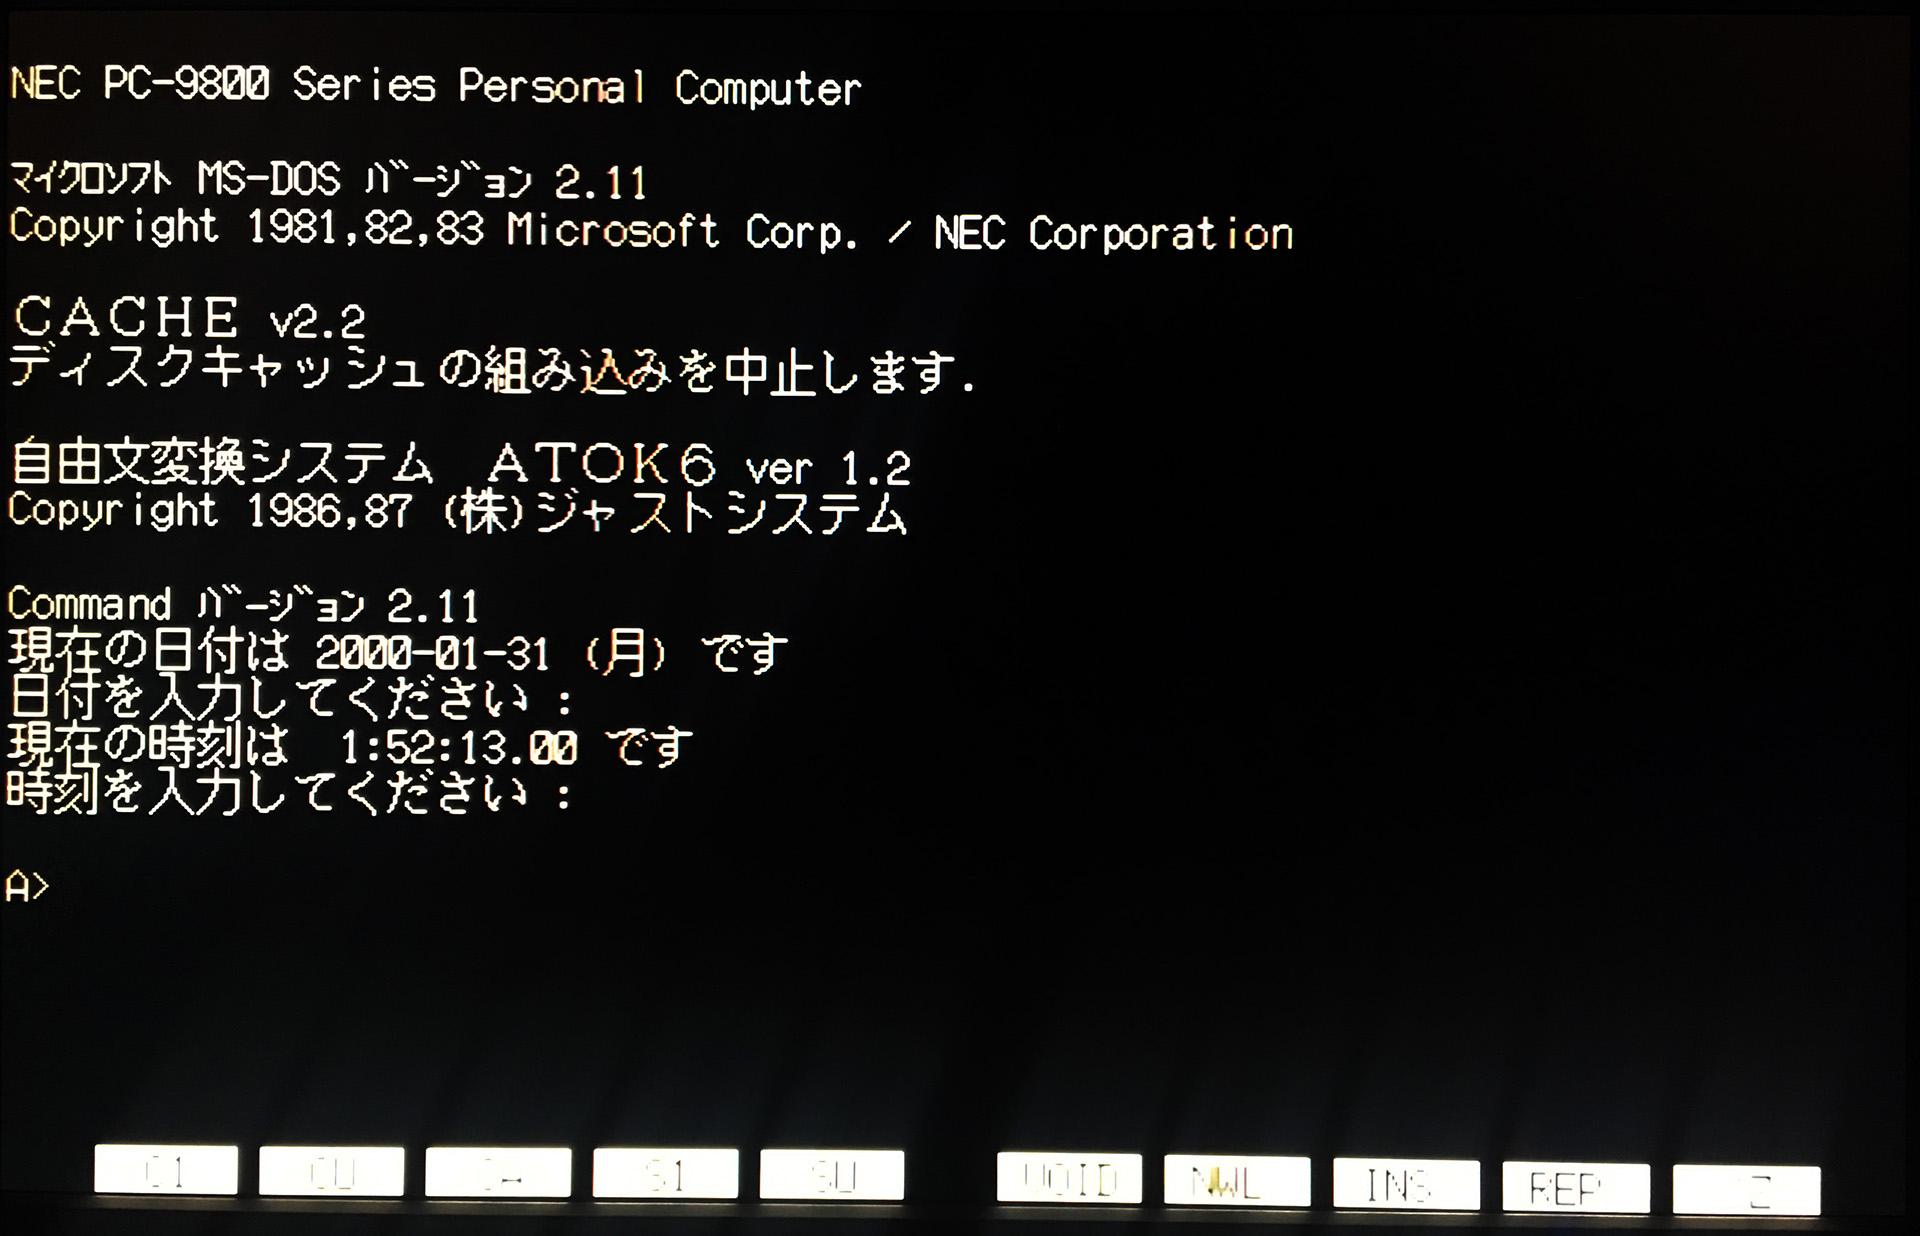 """Ver.3の起動ディスクから立ち上げると、MS-DOS2.11の後にデバイスドライバとしてATOK6が組み込まれます。ここからコマンド""""JXW""""を入力すると、本体が動きます。"""